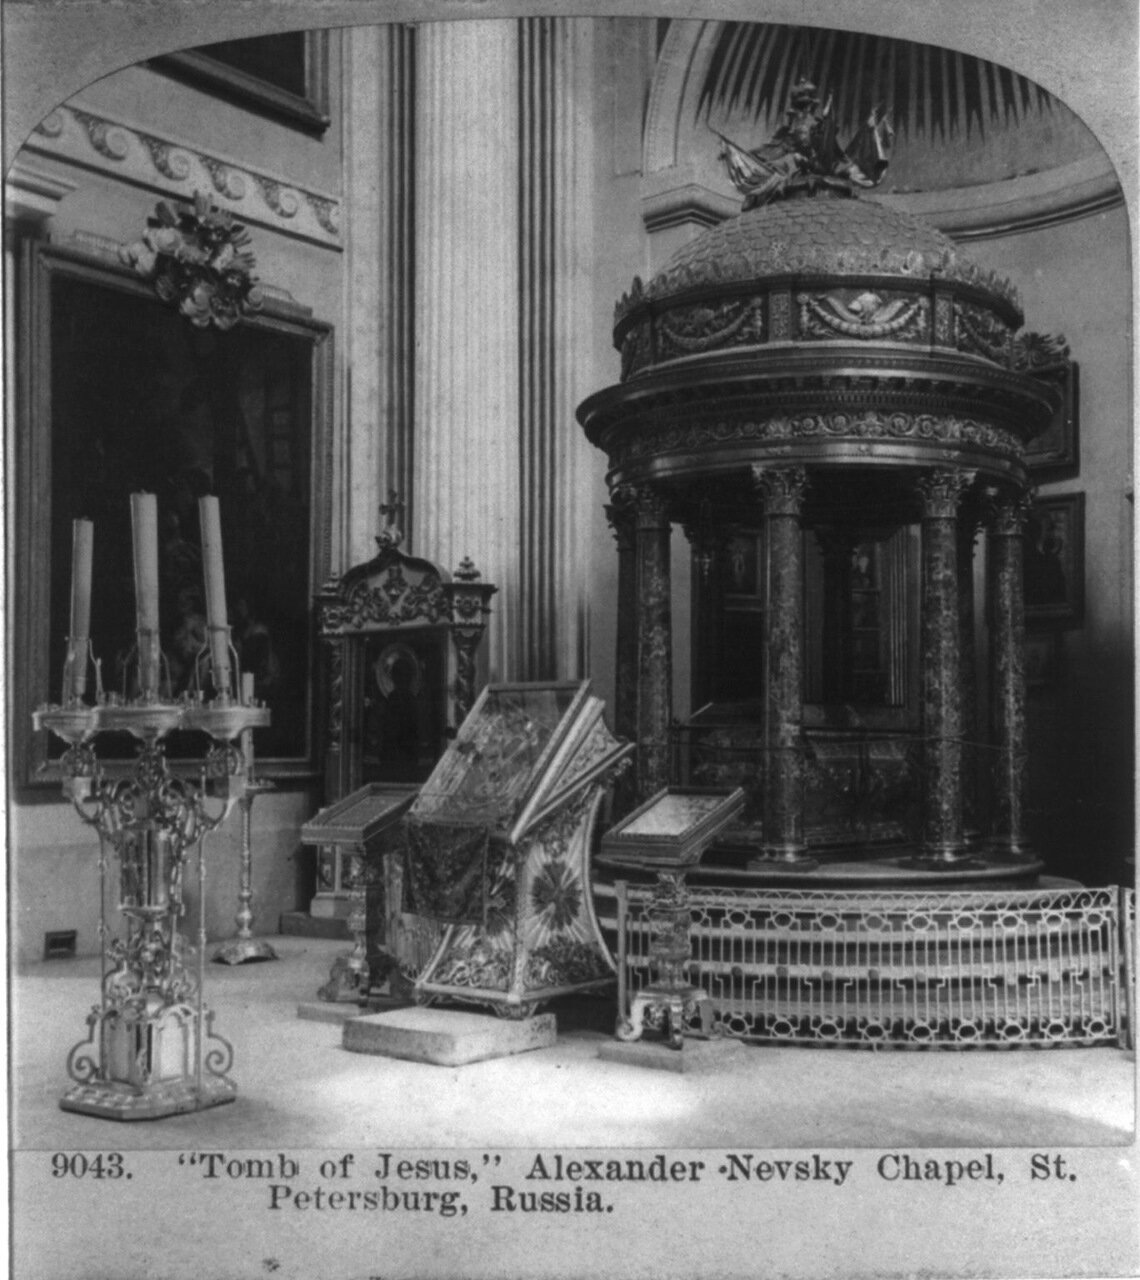 Часовня Александра Невского. Гробница Иисуса. 1901